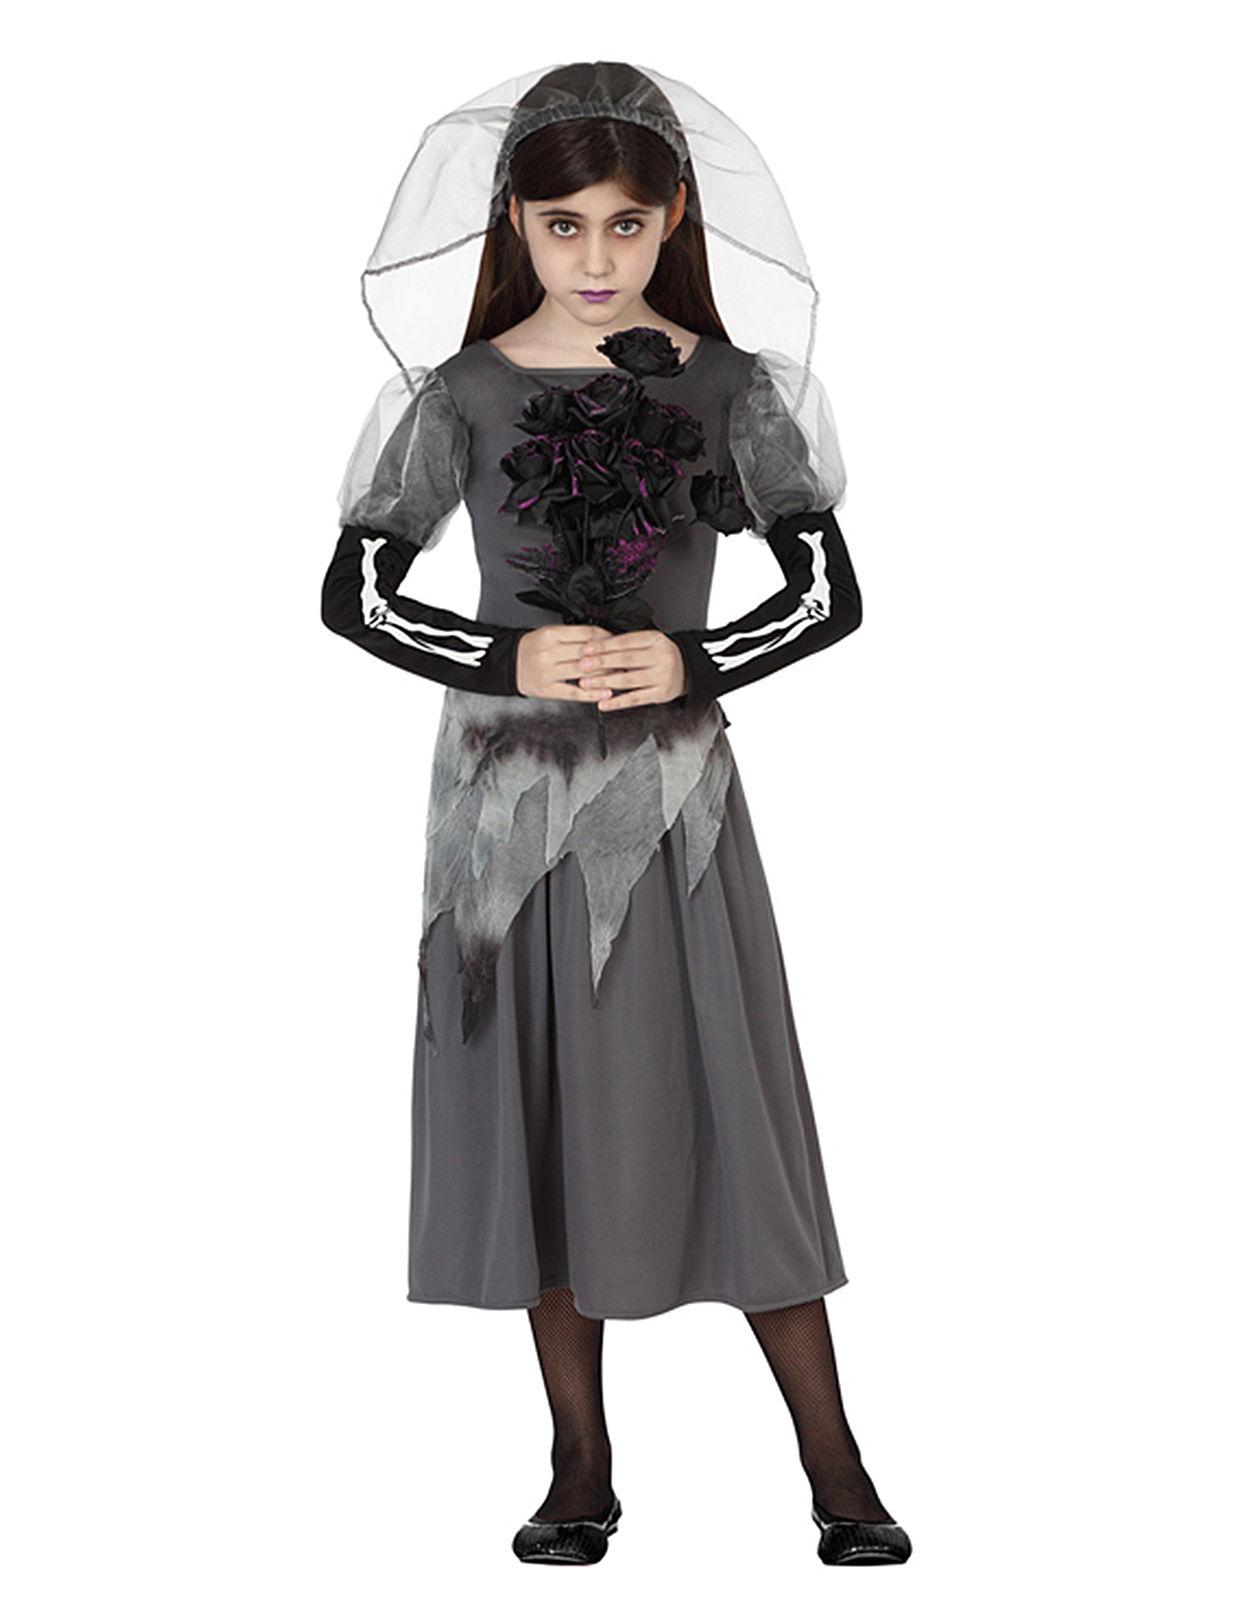 Travestimenti e accessori Sposa cadavere per Halloween e feste a ... 03141800891